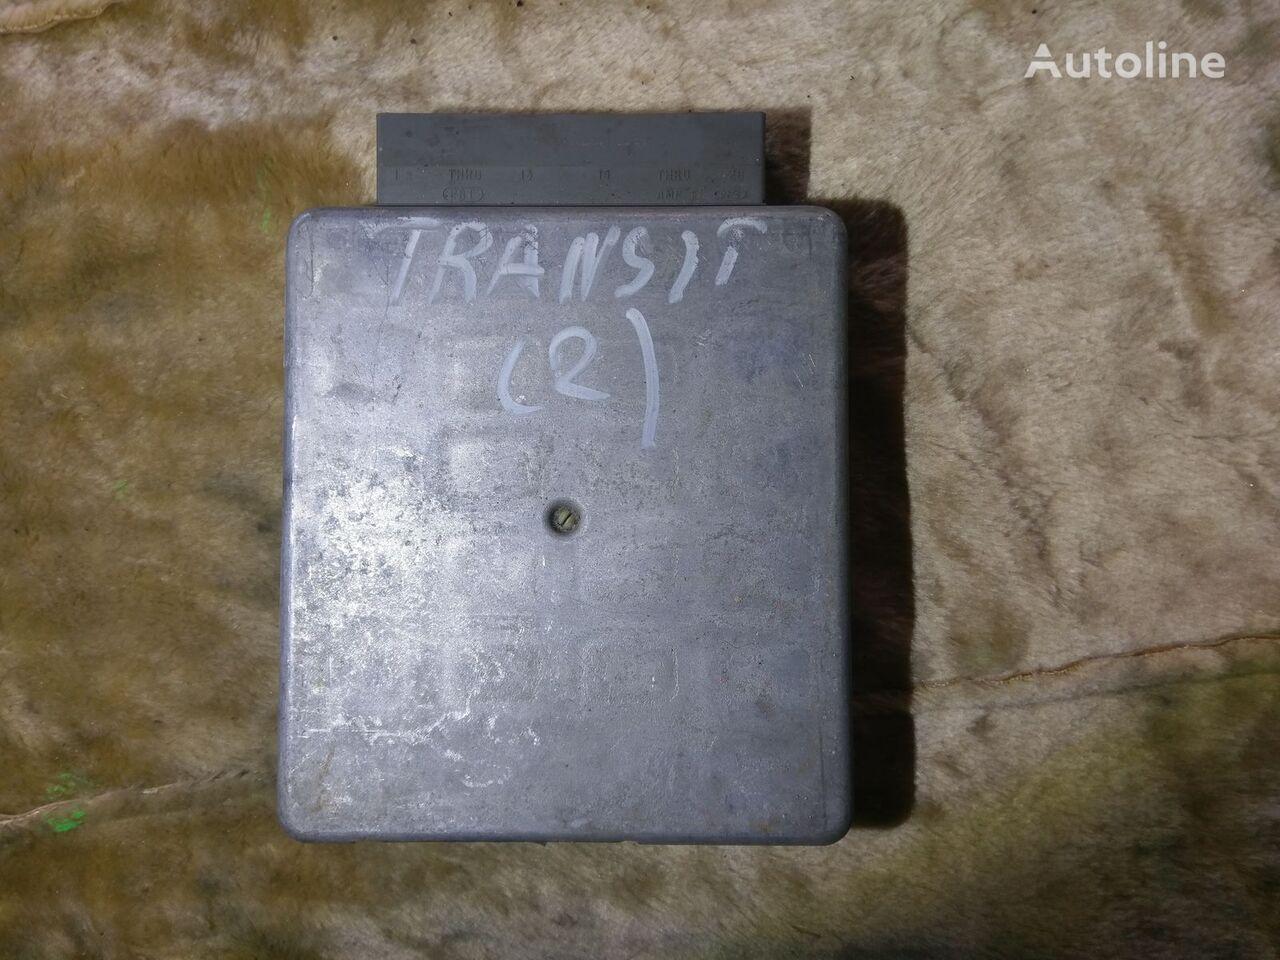 FORD QFE2 DPC-635 1-000287 PCM unidad de control para FORD TRANSIT  tractora